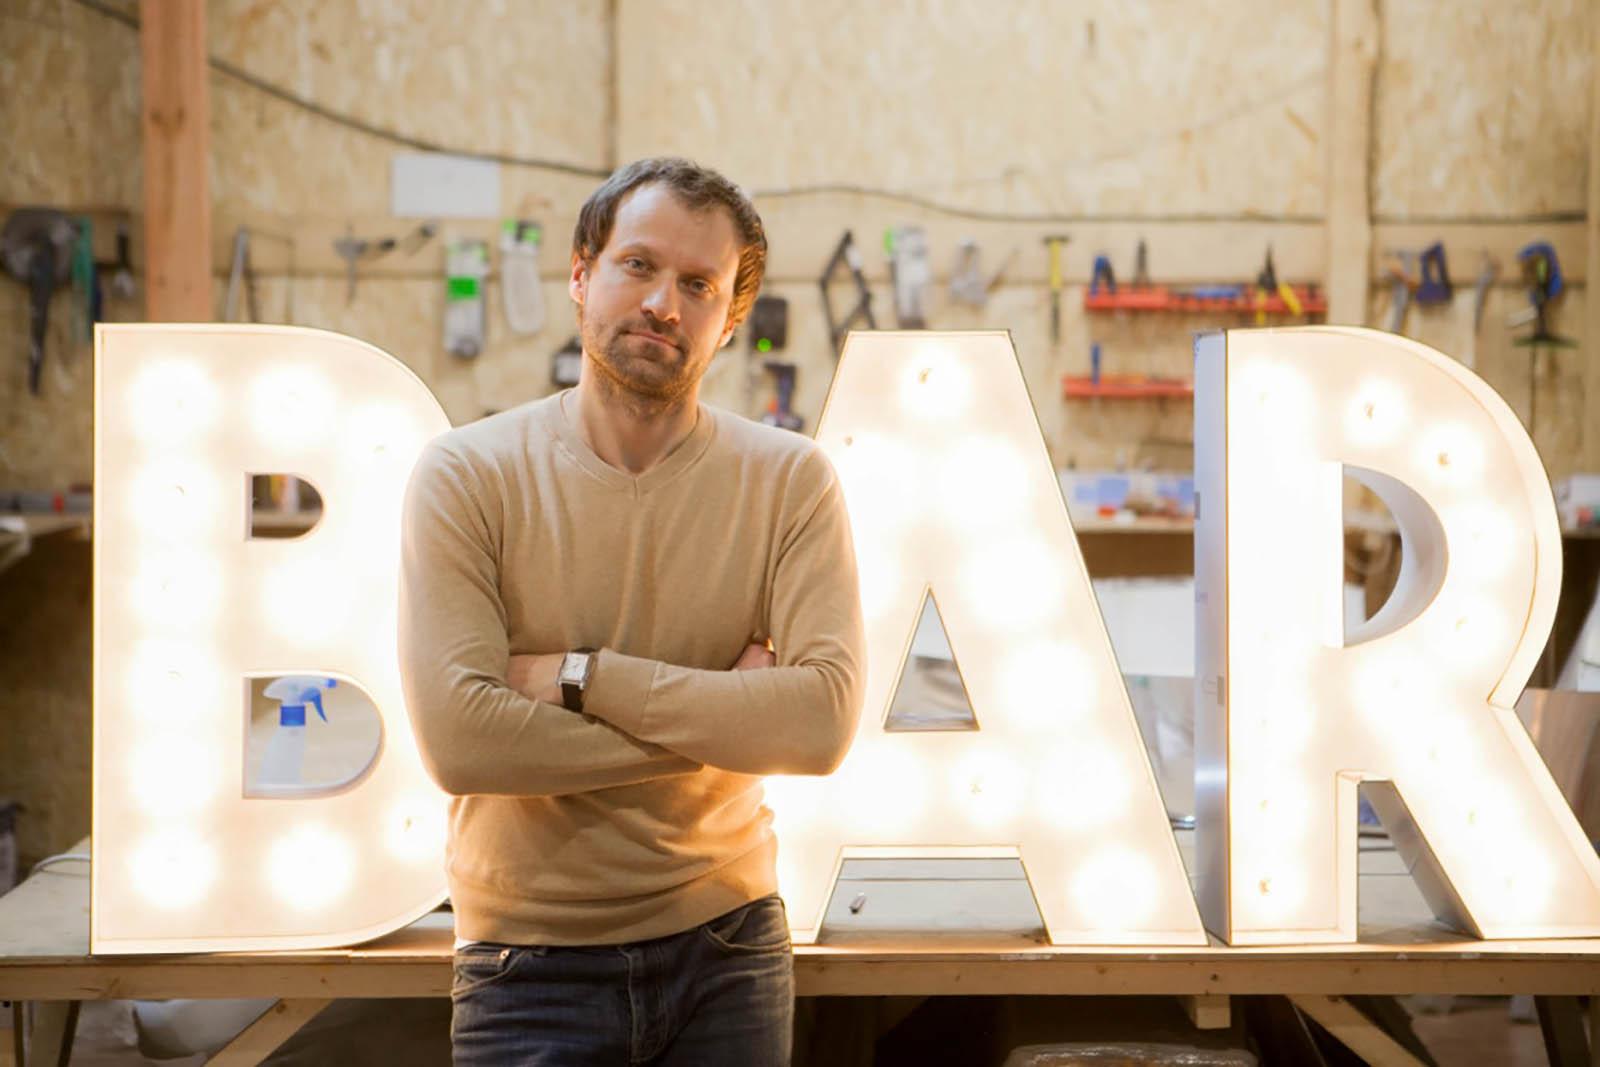 История успеха: Дмитрий Жбанков, основатель многопрофильной мастерской «МастерD&cor»